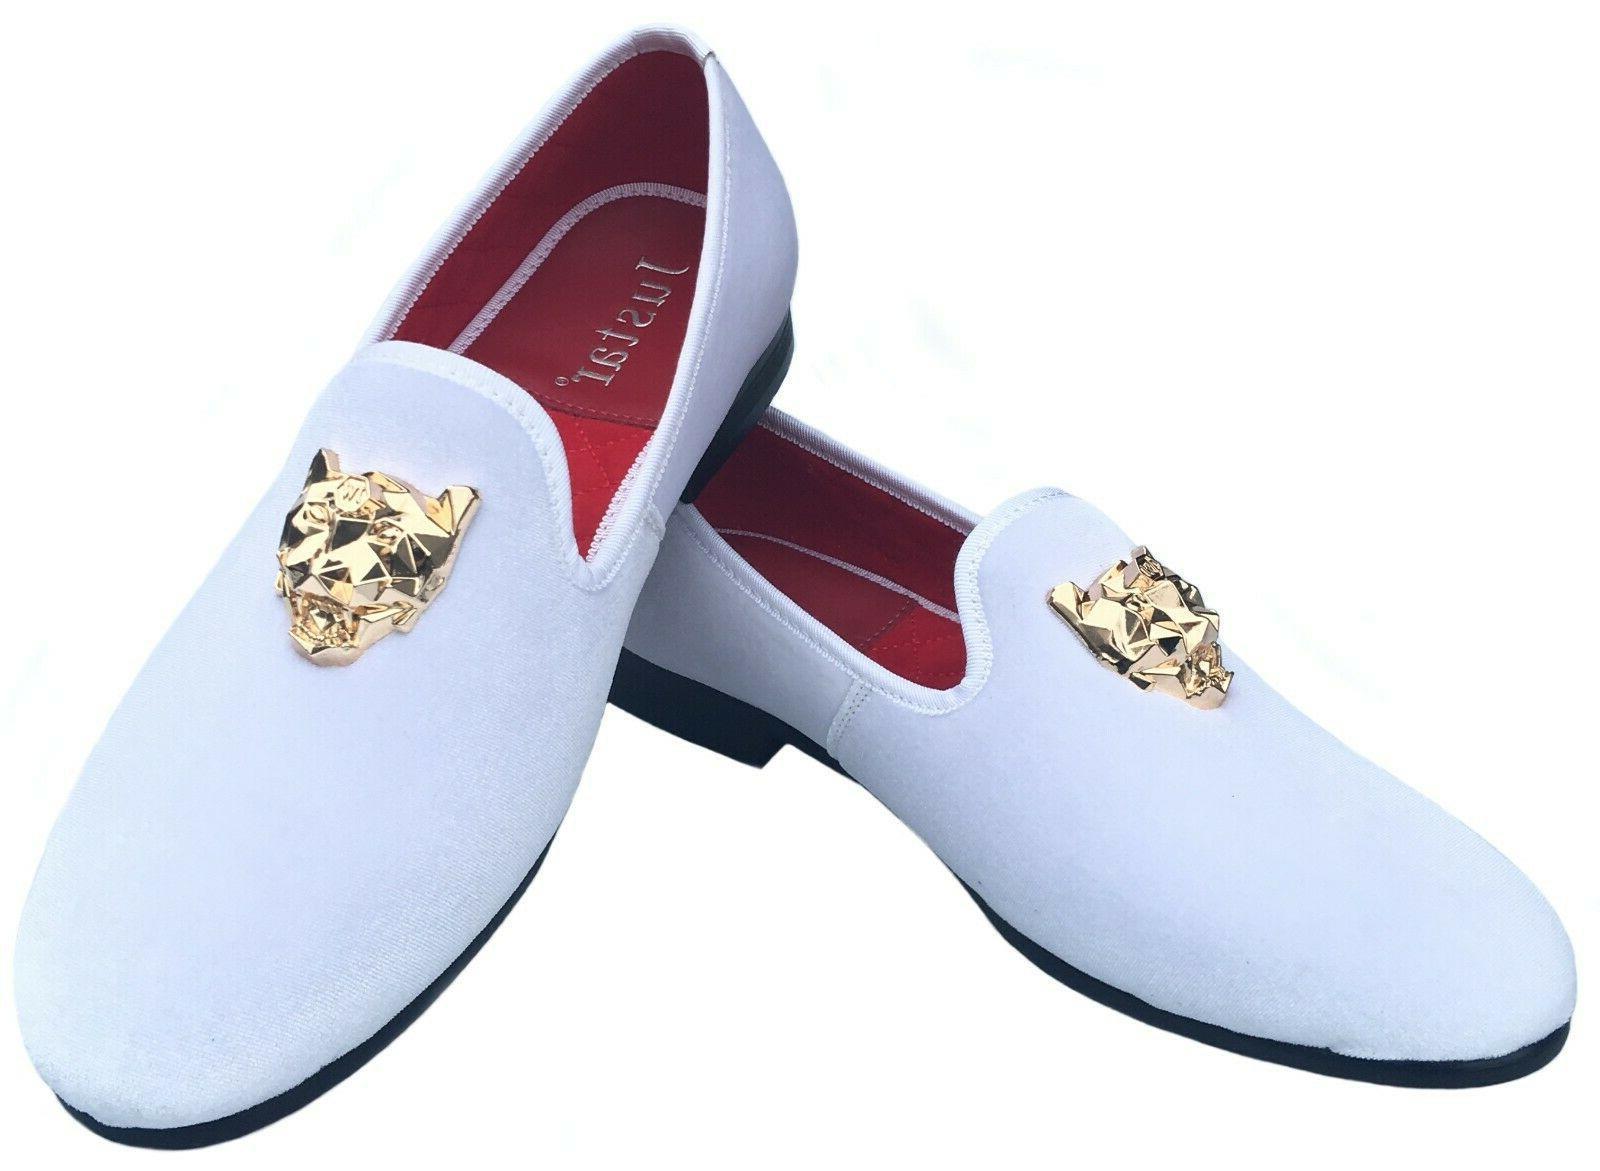 Men's Black Slip-on Dress Shoes Gold Buckle